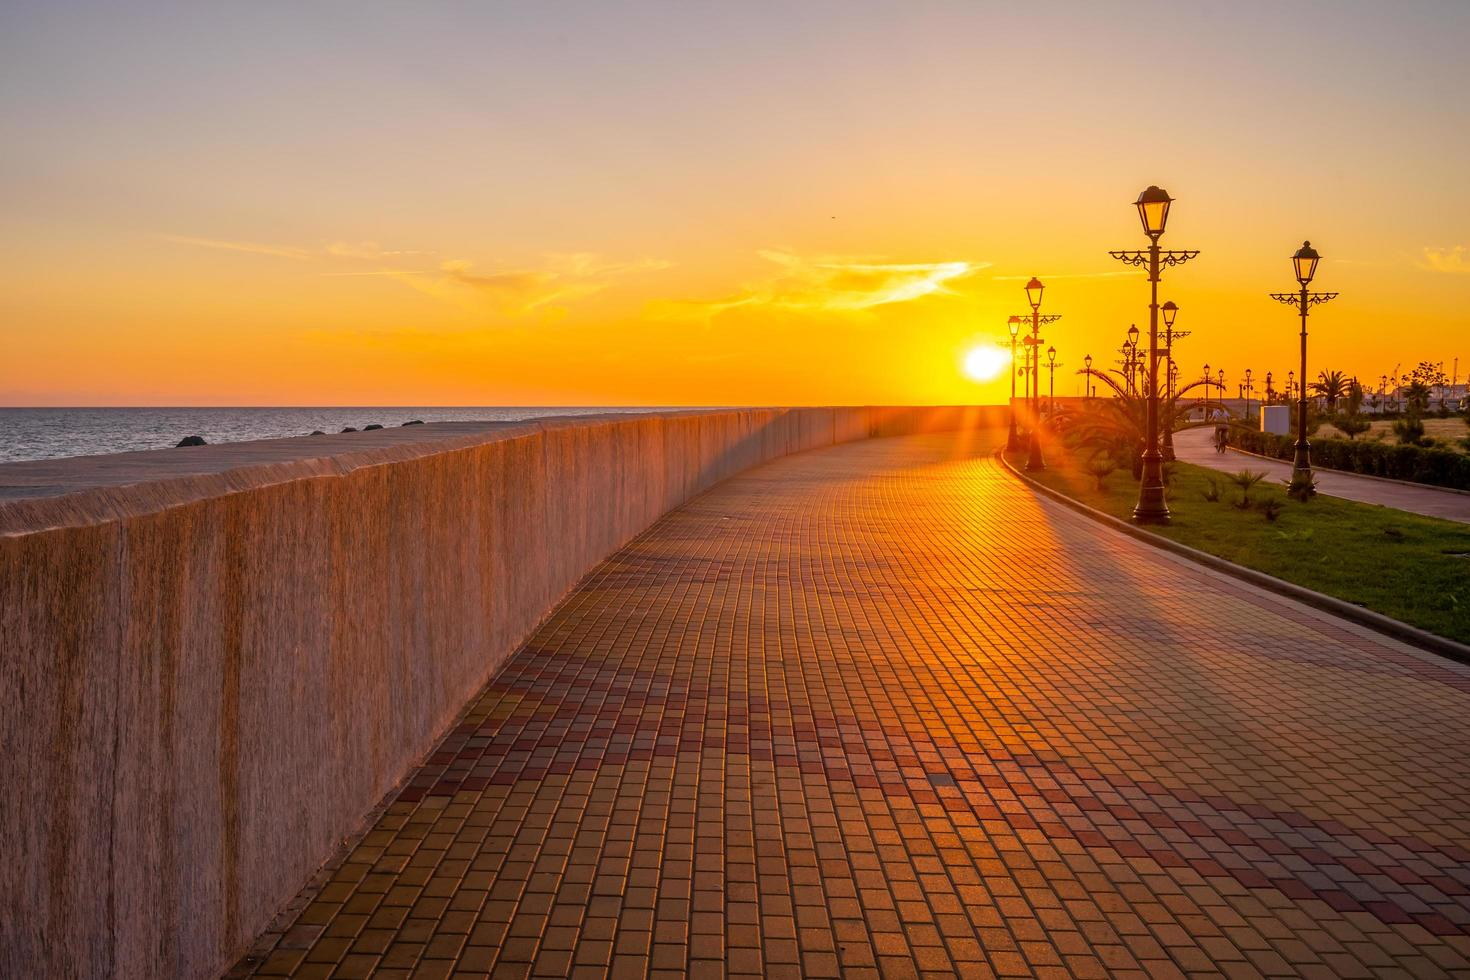 solnedgång över strandorten. foto